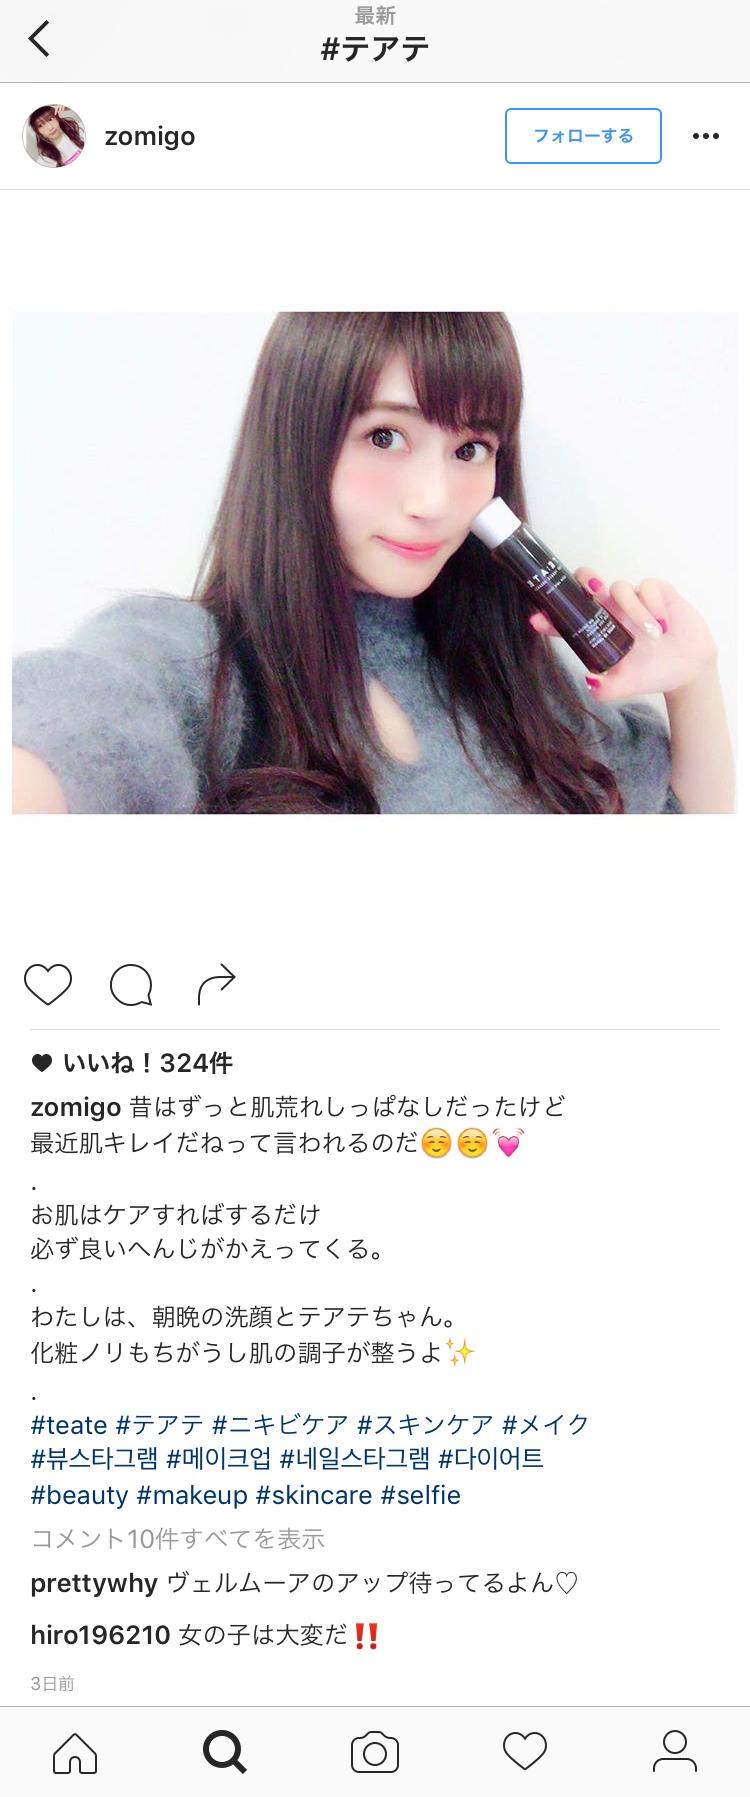 zomigo_sp